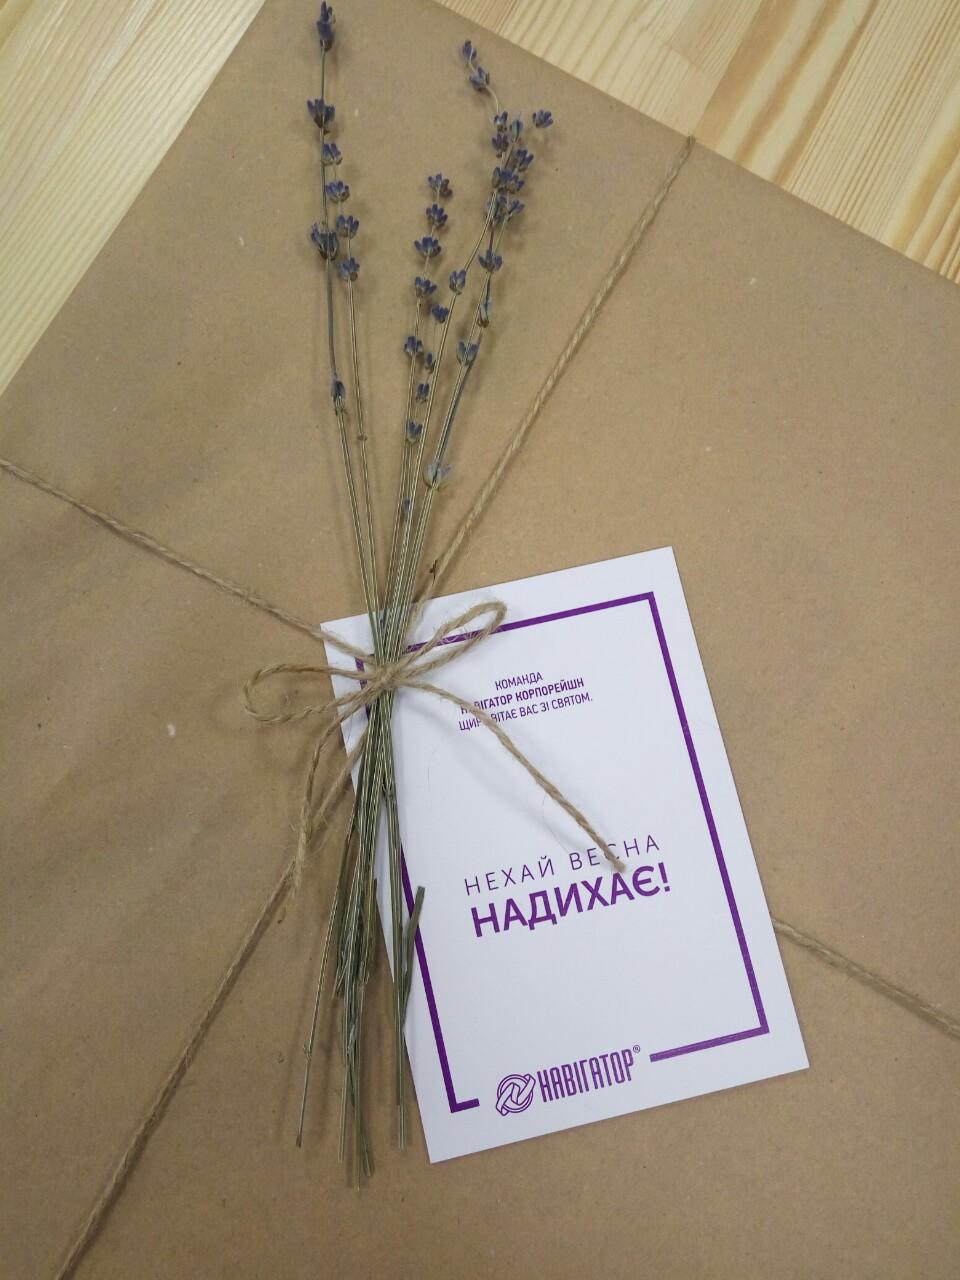 Фото Печать открытки и упаковка под заказ.